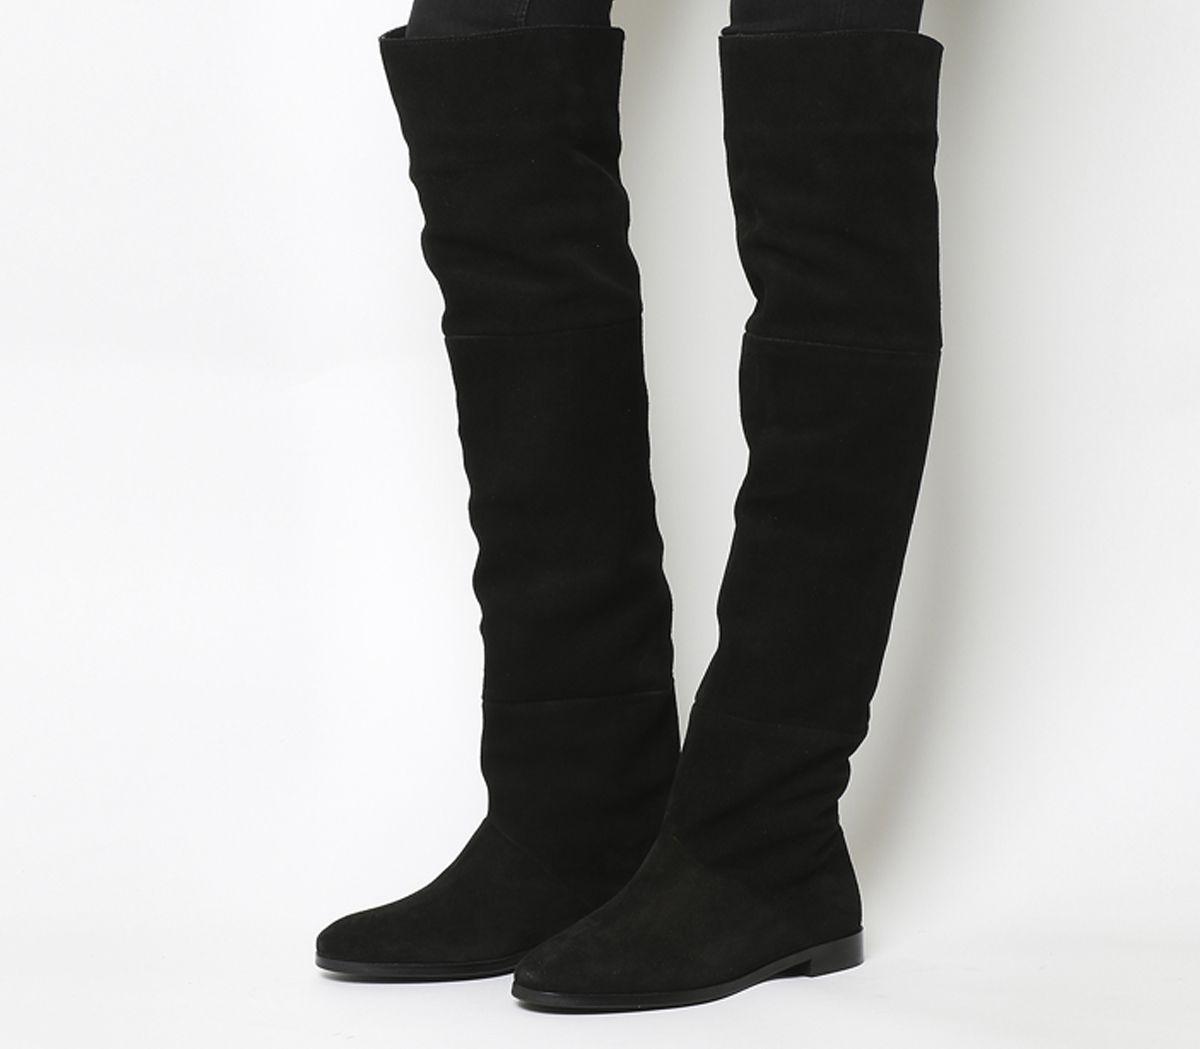 3ba6b7d5e10e7 Office Nova Thigh High Boots Black Suede - Knee Boots